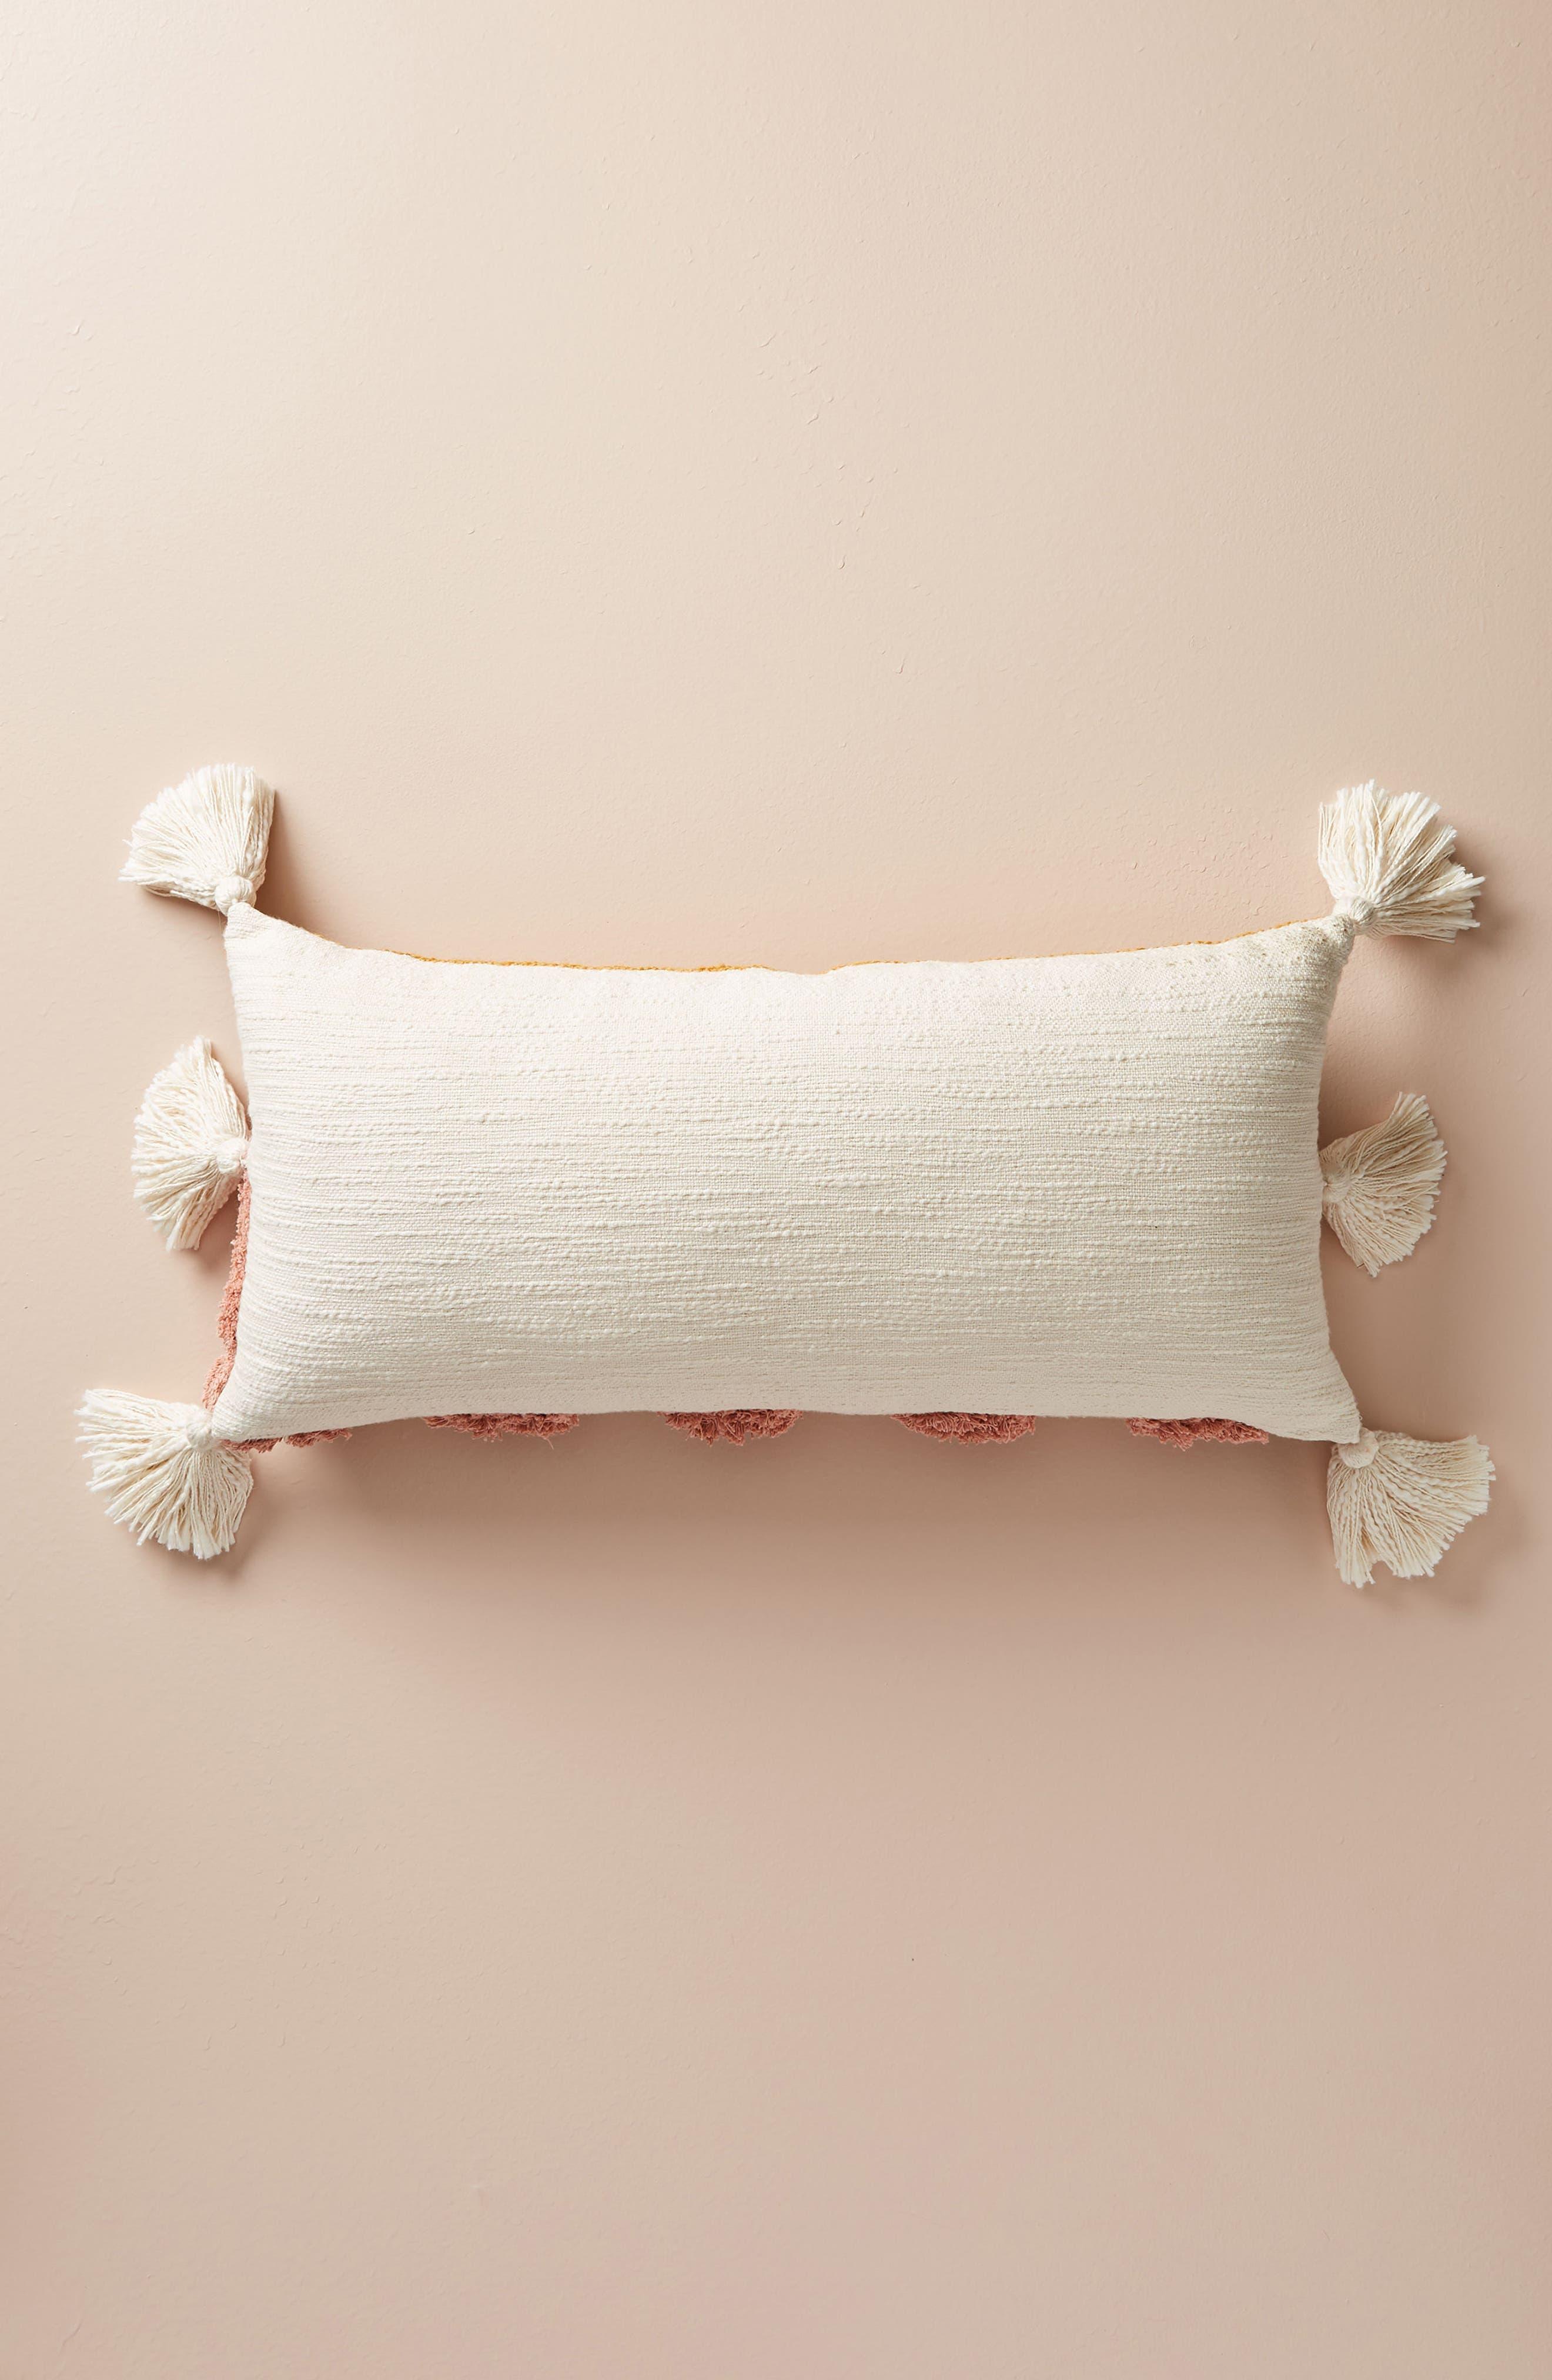 Rayas Lumbar Accent Pillow,                             Alternate thumbnail 2, color,                             Raspberry